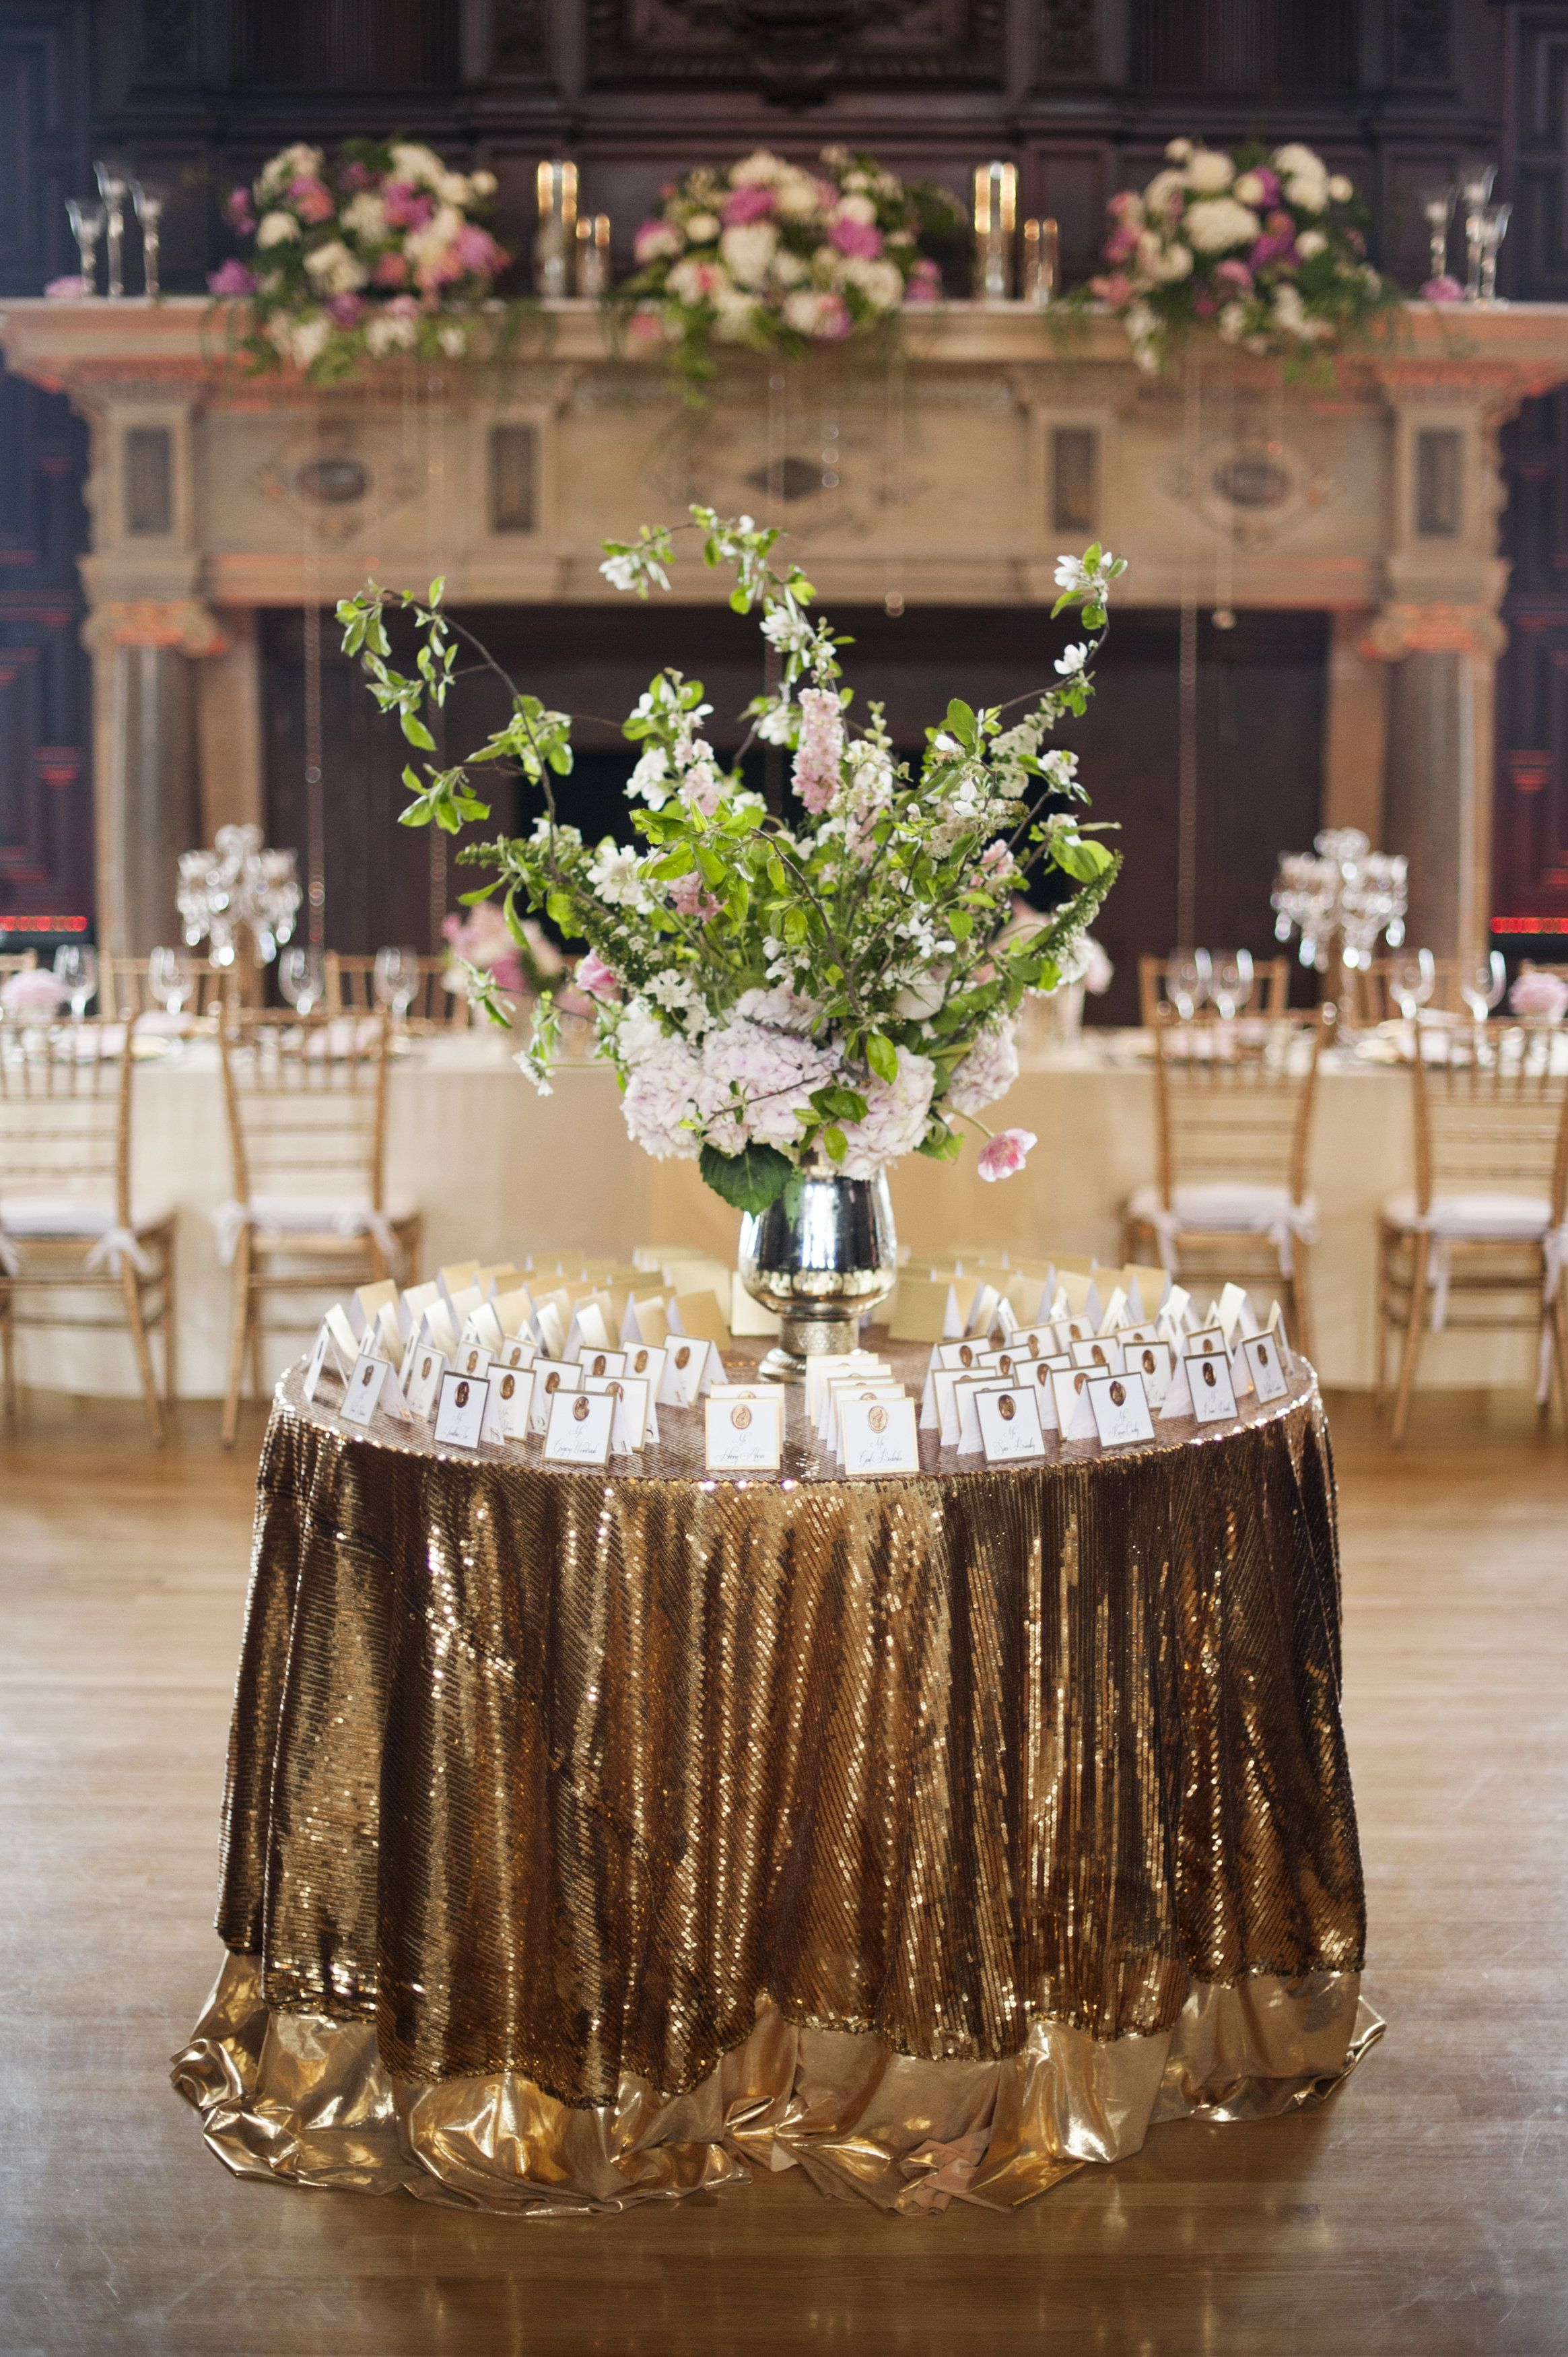 En nuestro curso intensivo Decoración de eventos aprendes a sacarle provecho al color. www.decorainteriores.com 809 534 6467  Tu también puedes hacerlo!